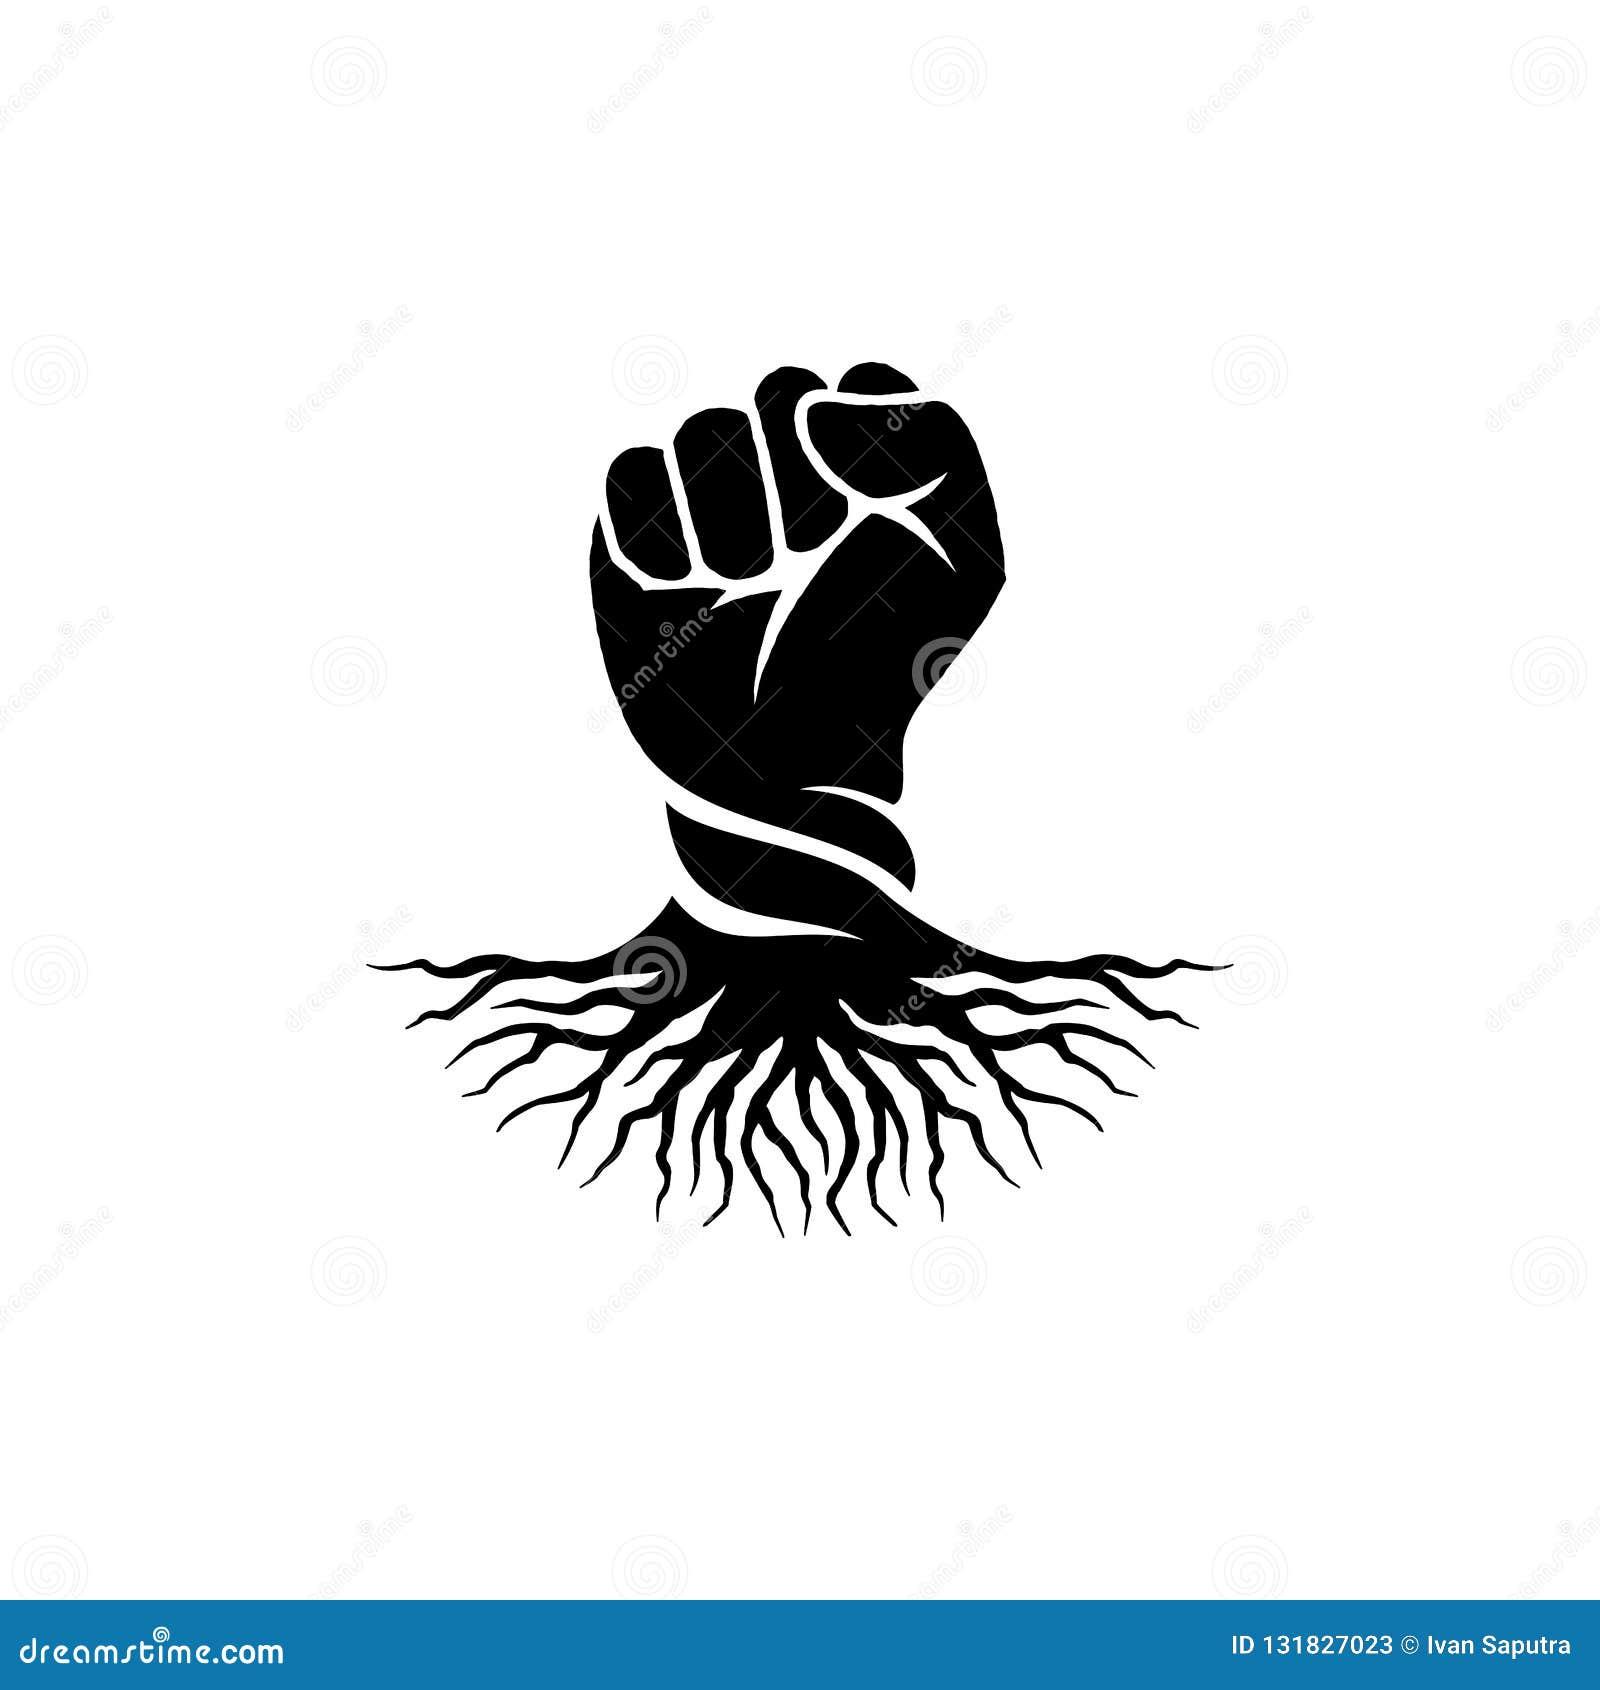 Handnäve och att rota logodesigninspiration - rebellisk logodesigninspiration